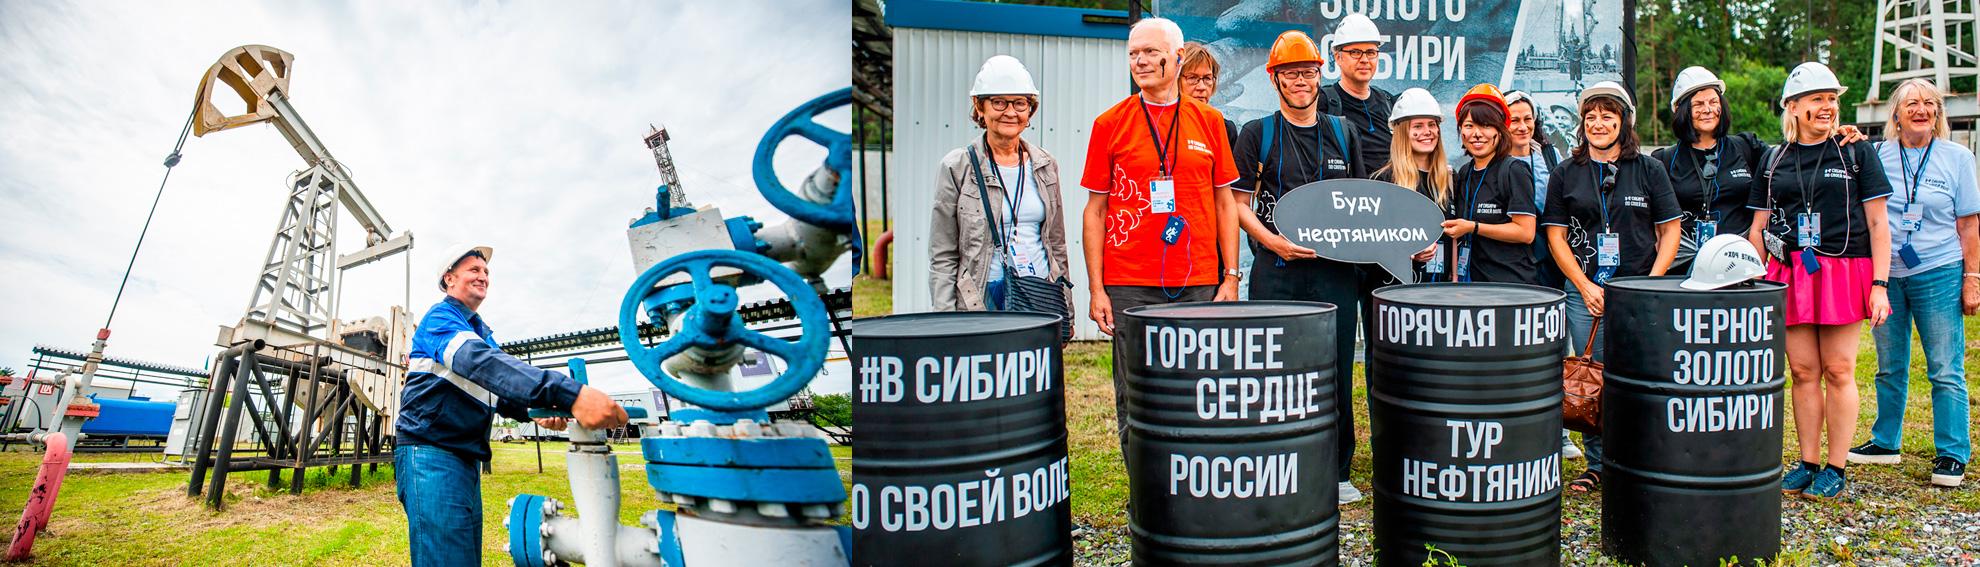 Тур нефтяника «Черное золото Сибири»